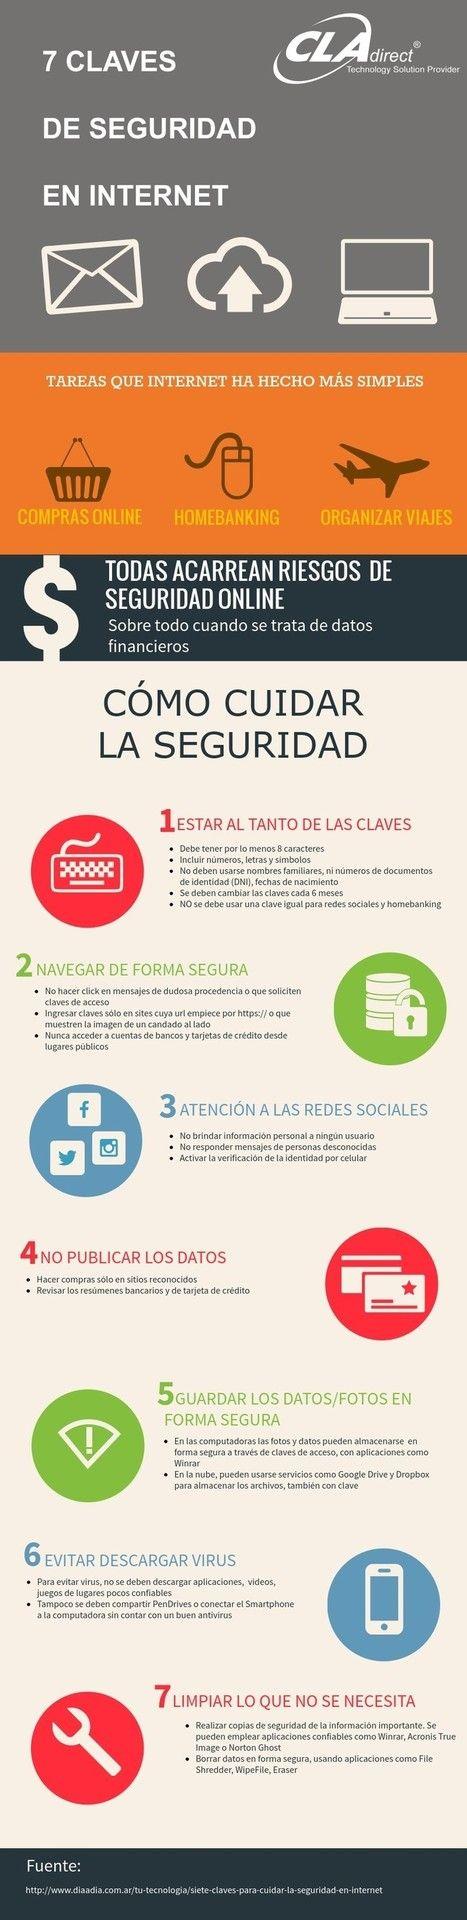 7 claves de seguridad en Internet | TIC & Educación | Scoop.it